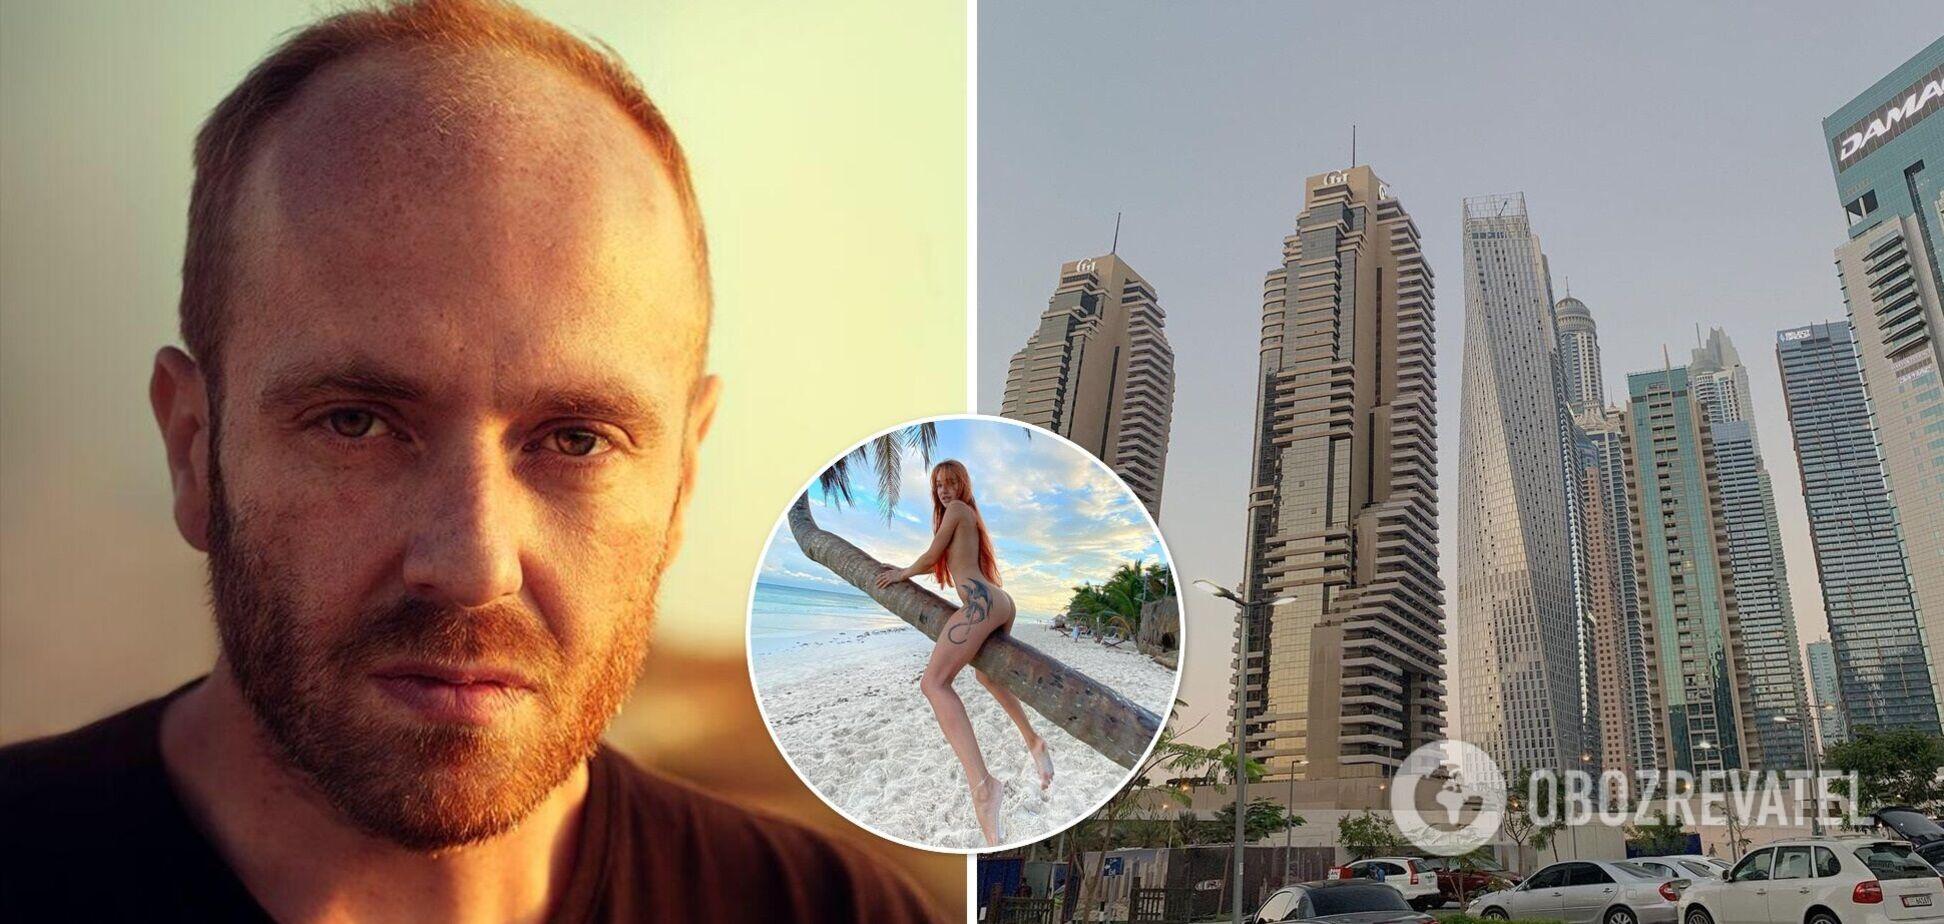 Экс-участница «Холостяка» оказалась знакомой с организатором голой фотосессии в Дубае